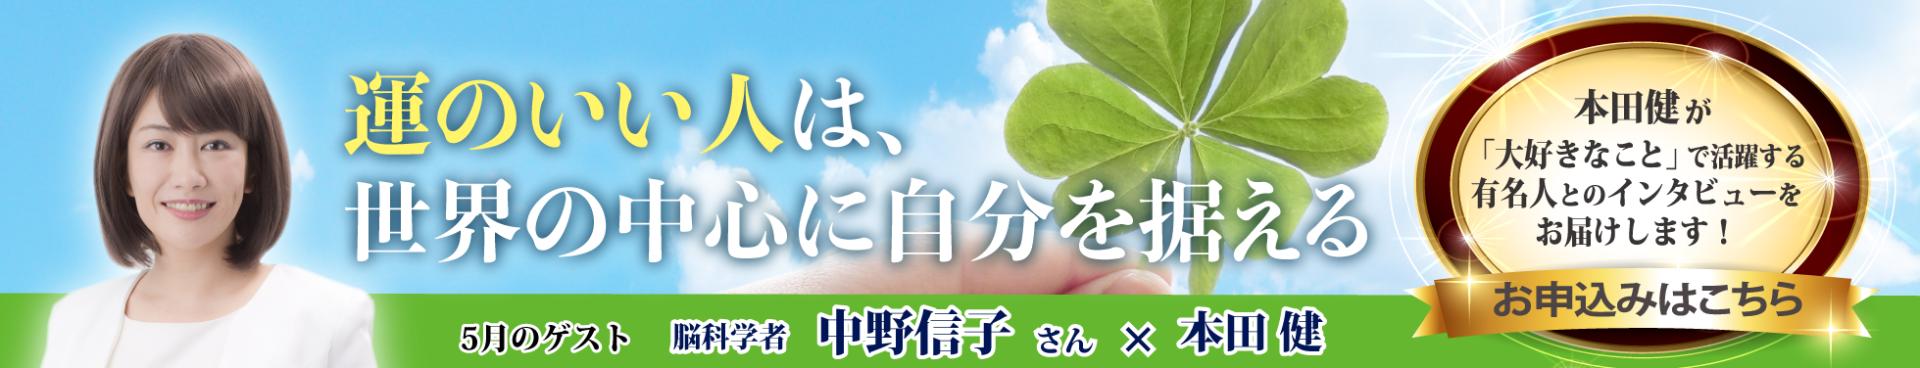 5月号ゲスト:中野信子さん